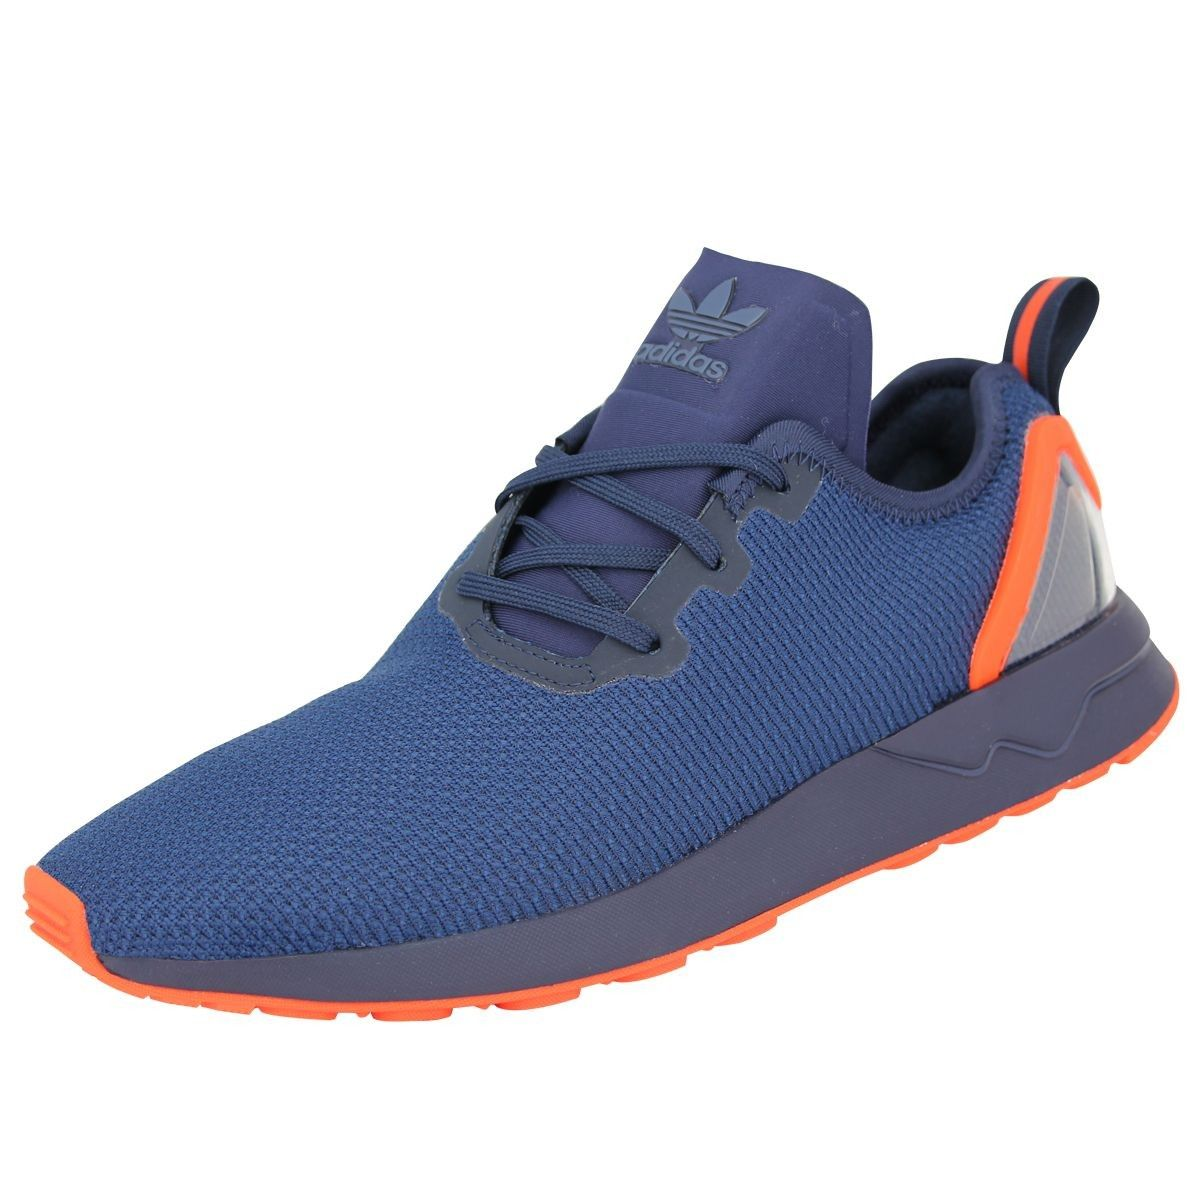 chaussure adidas zx flux homme bleu